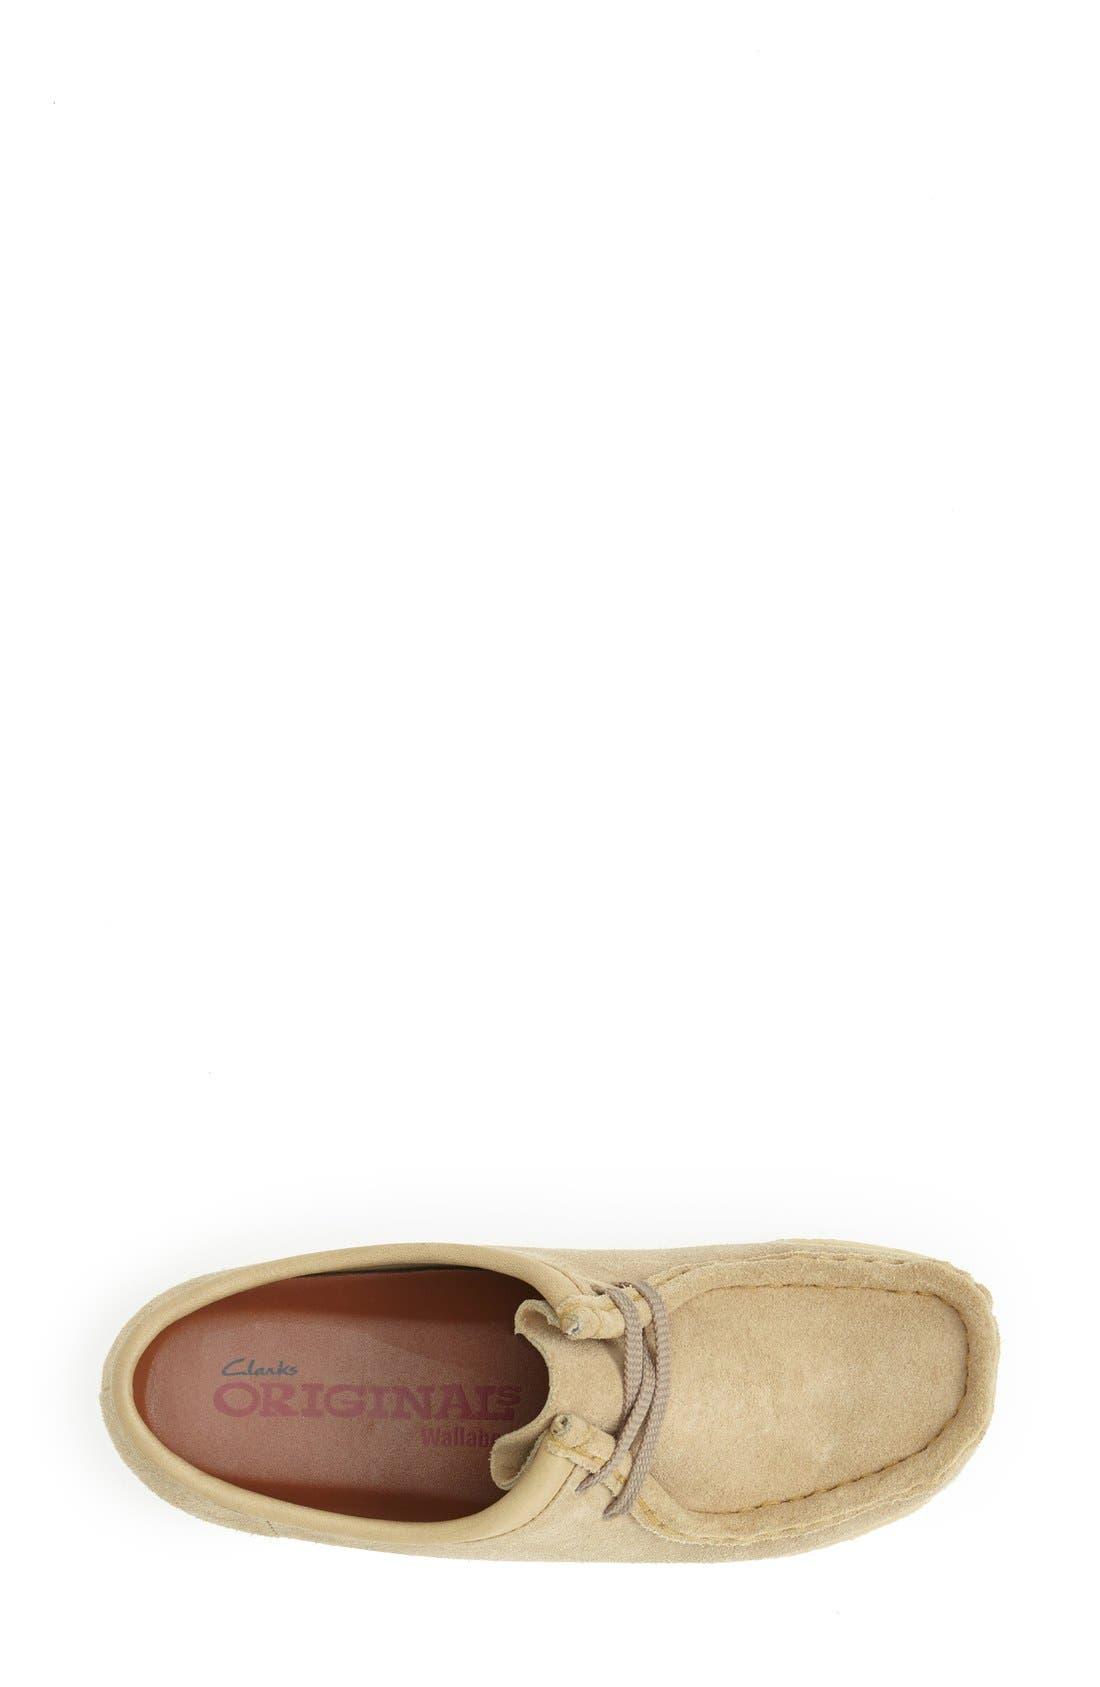 Alternate Image 3  - Clarks® Originals 'Wallabee' Suede Loafer (Women)